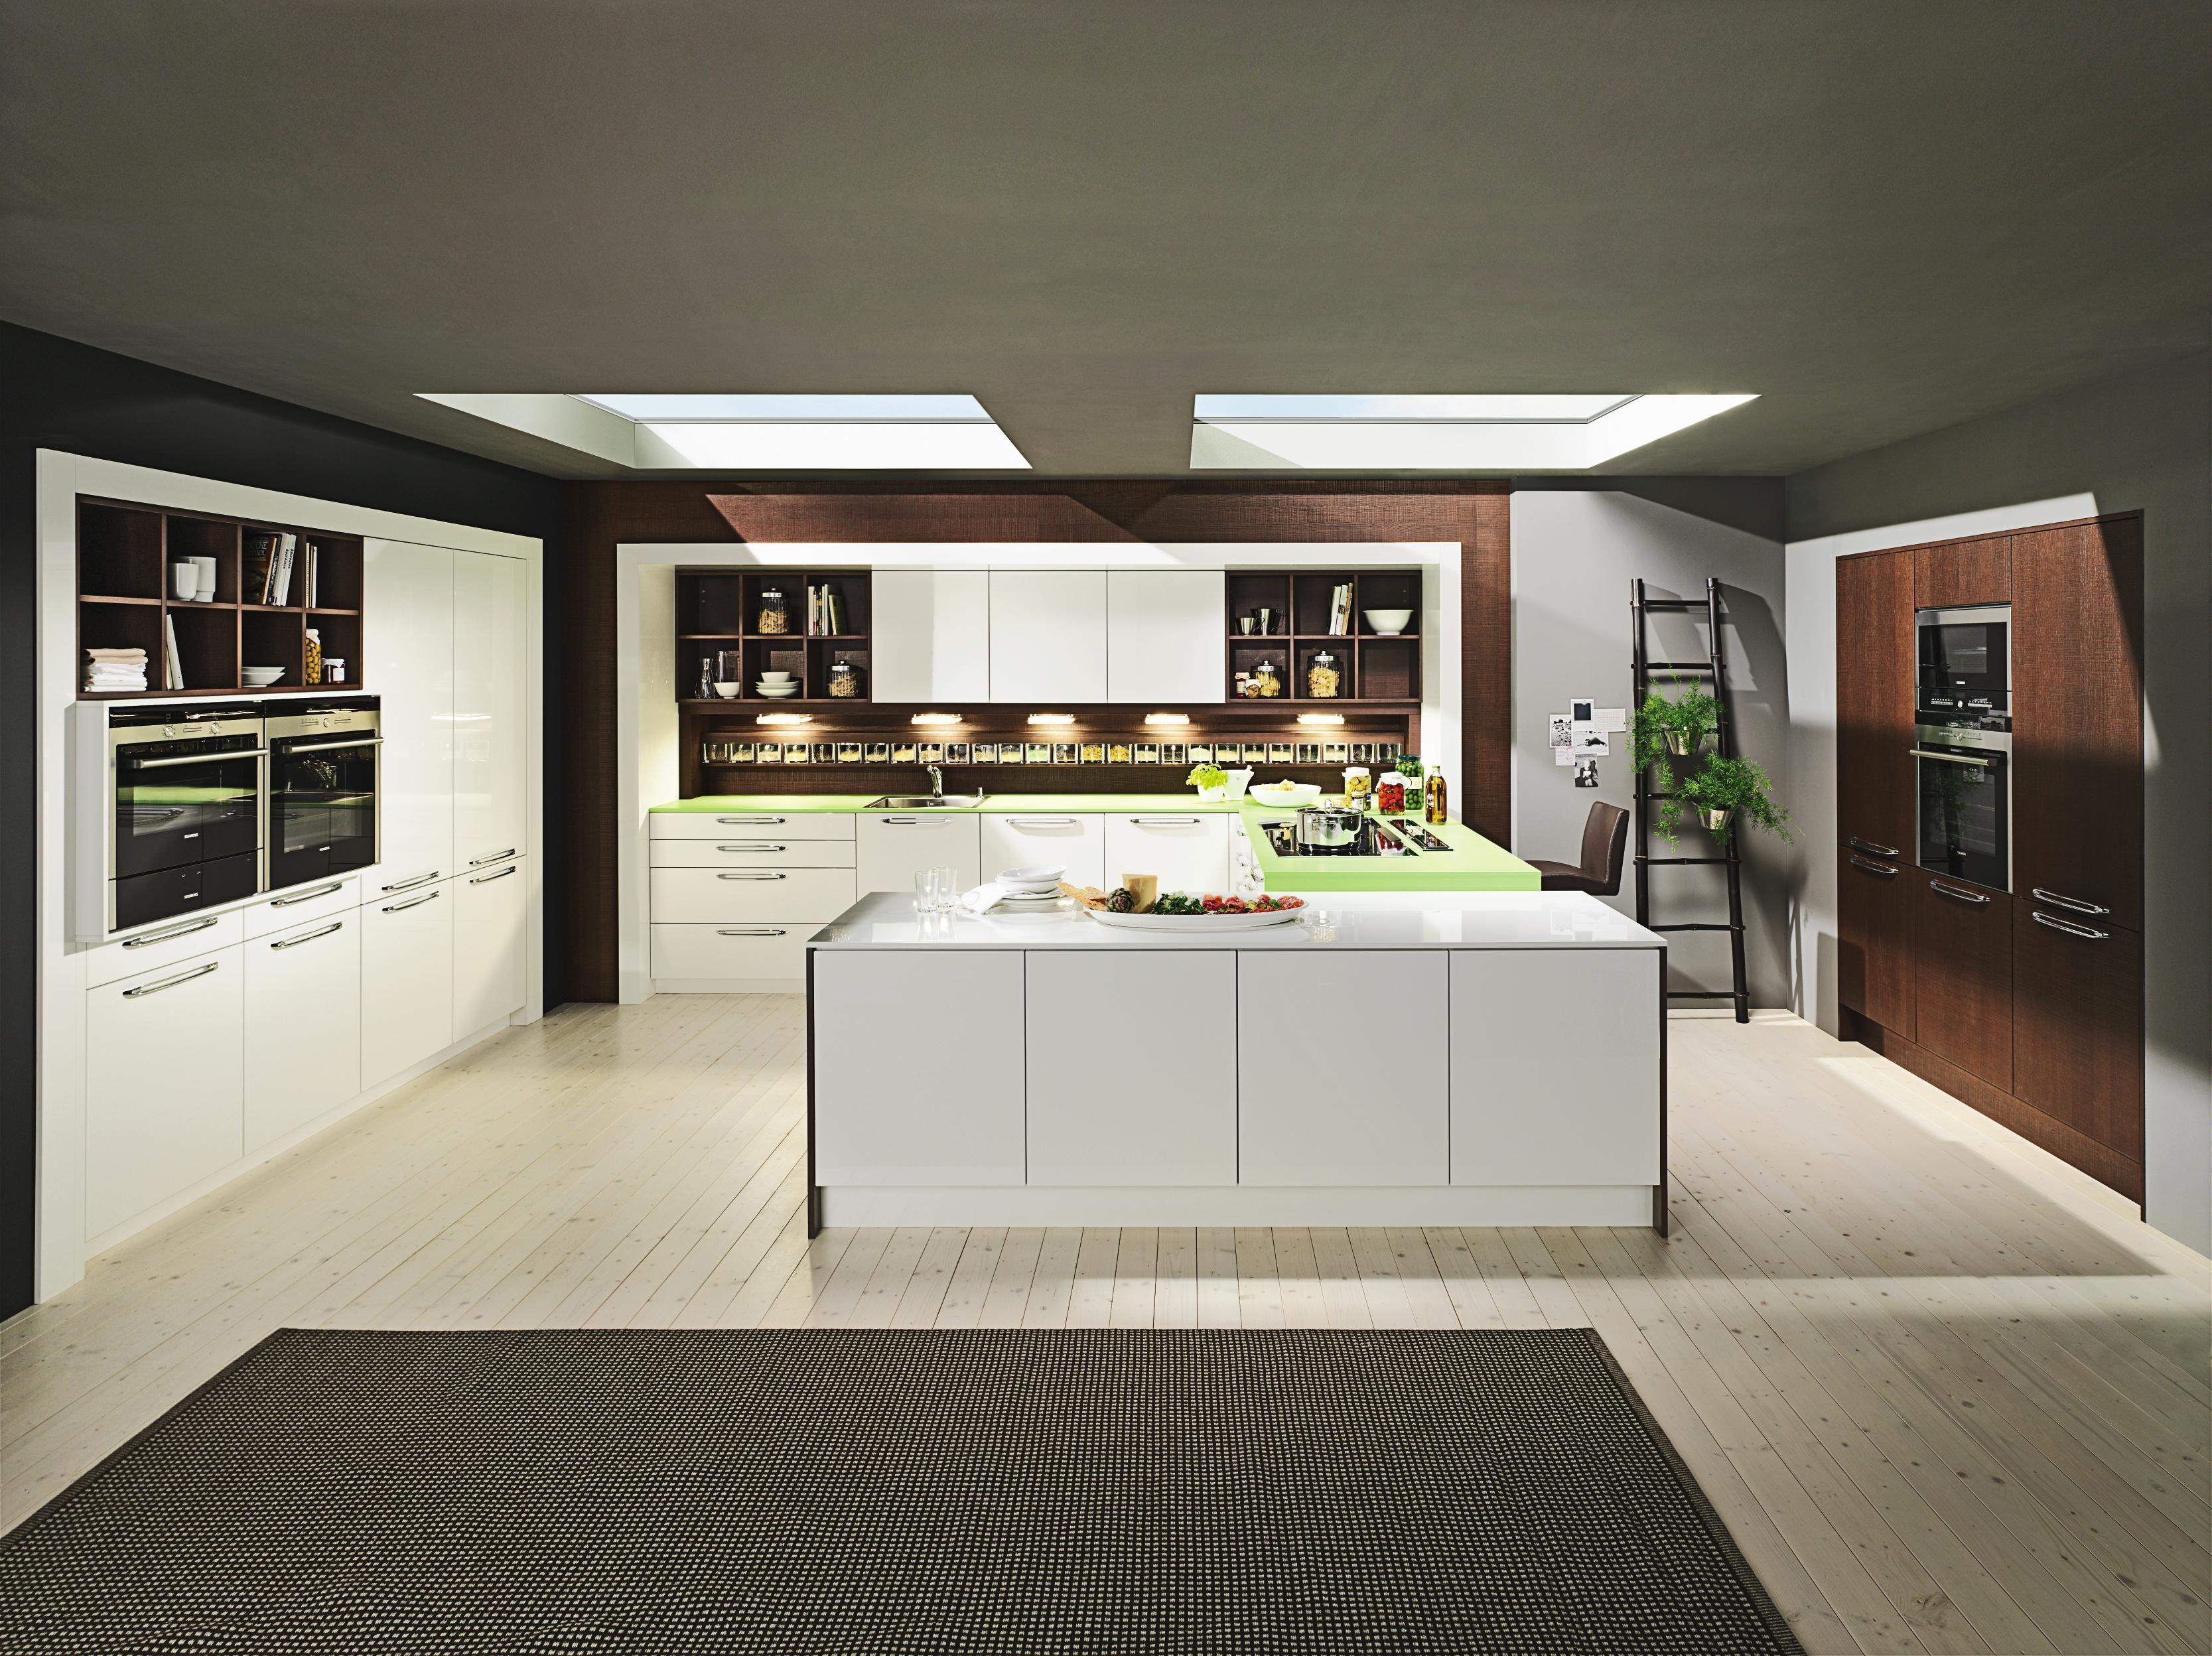 Einbauküche von DAN KÜCHEN: stilvoll und modern   Einbauküchen ...